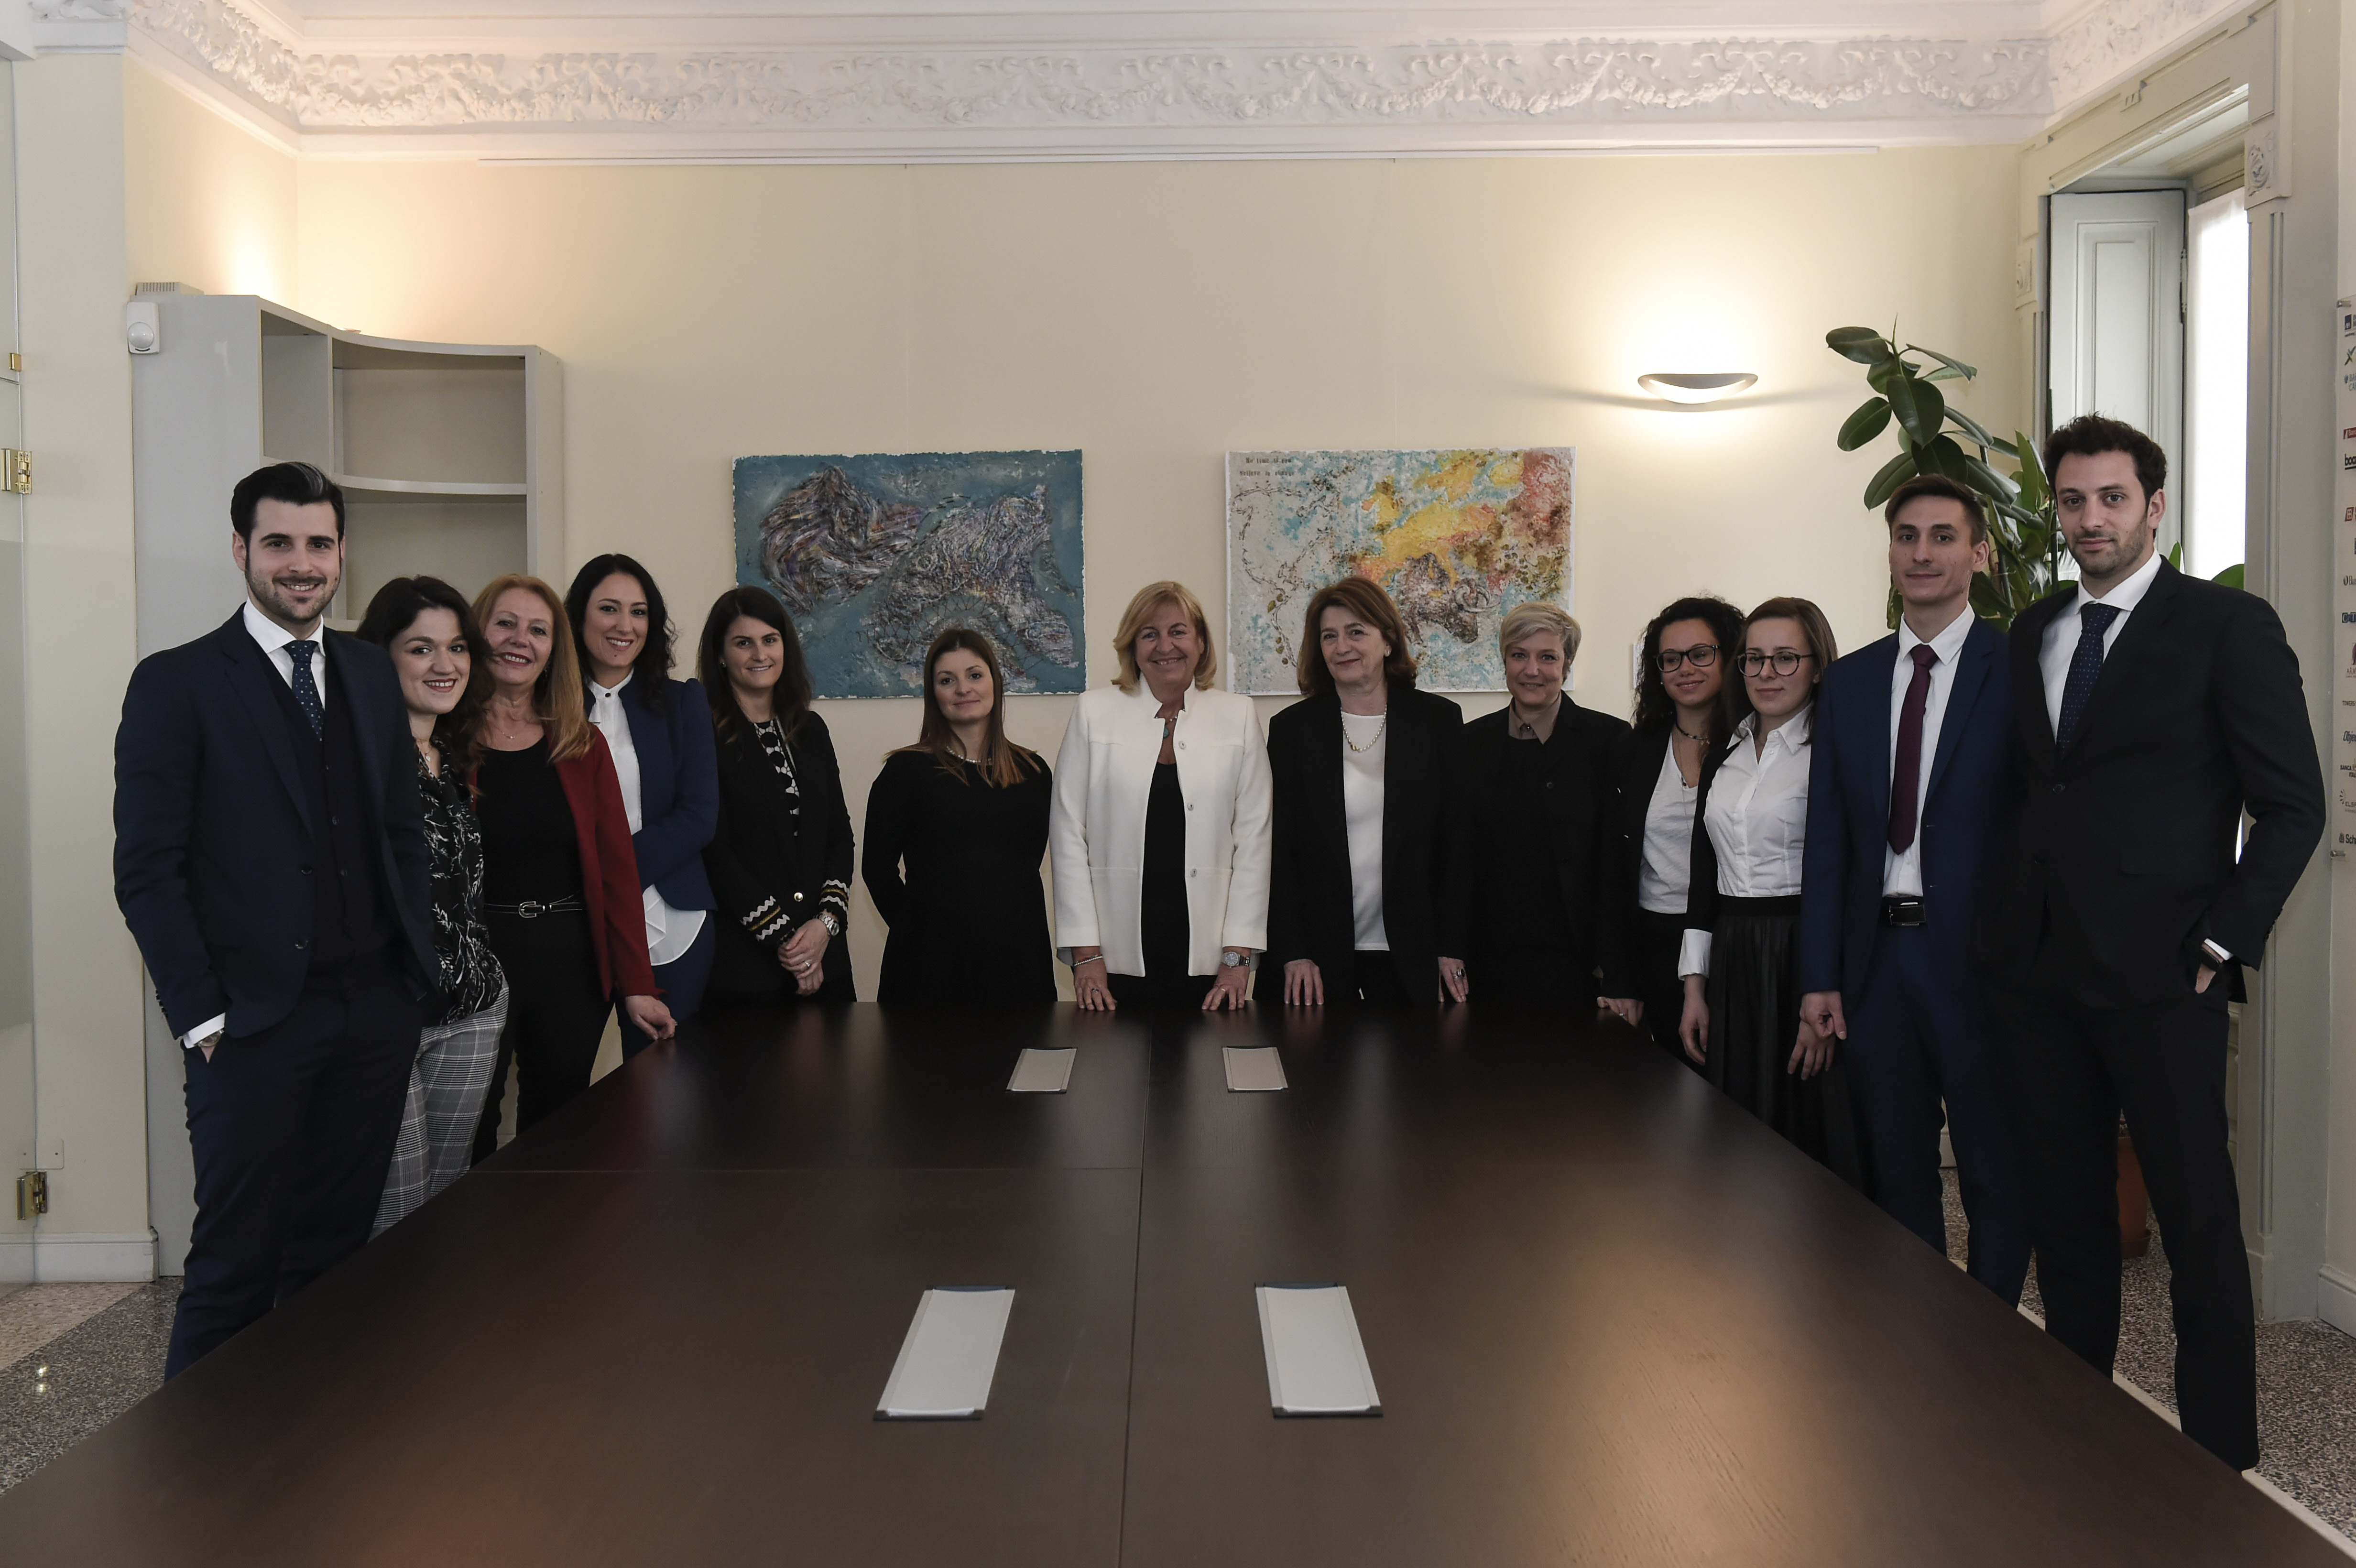 aipb2 - AIPB. L'Associazione Italiana Private Banking nomina i Presidenti delle Commissioni Tecniche